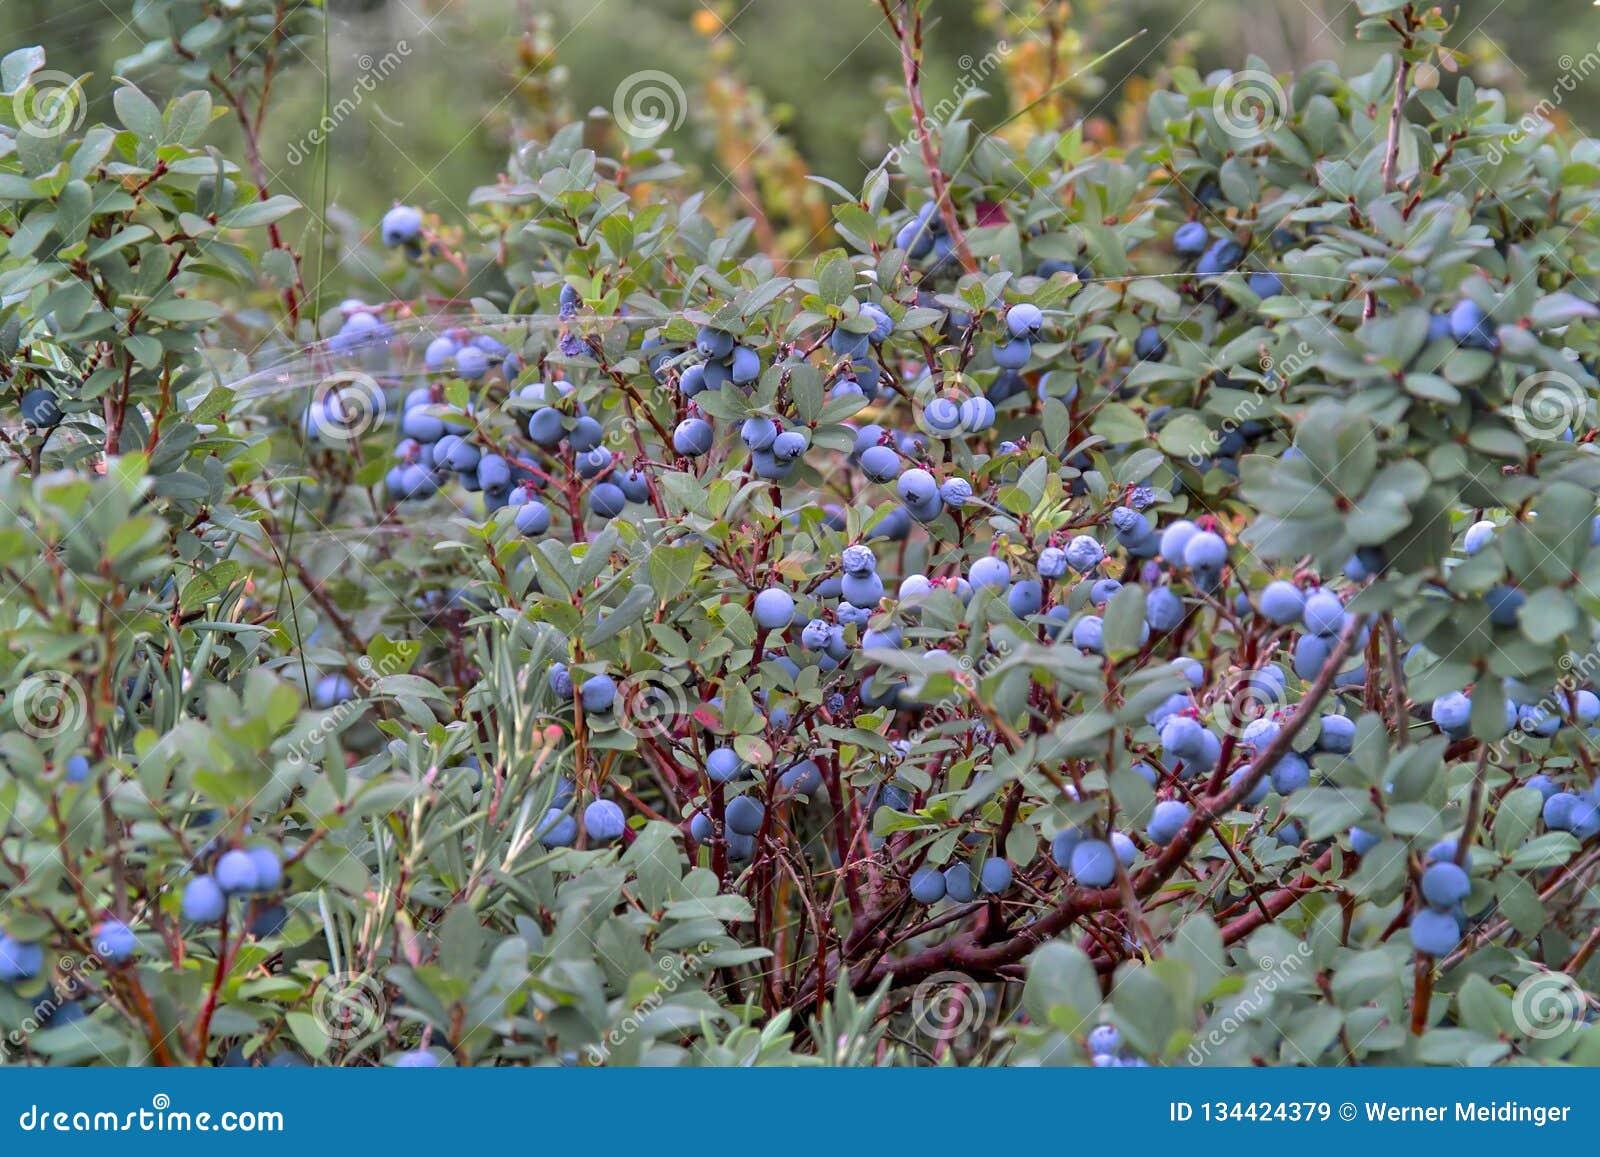 Moerasbosbes, Noordelijke Bosbes, Vaccinium uliginosum, vruchten in de zomer